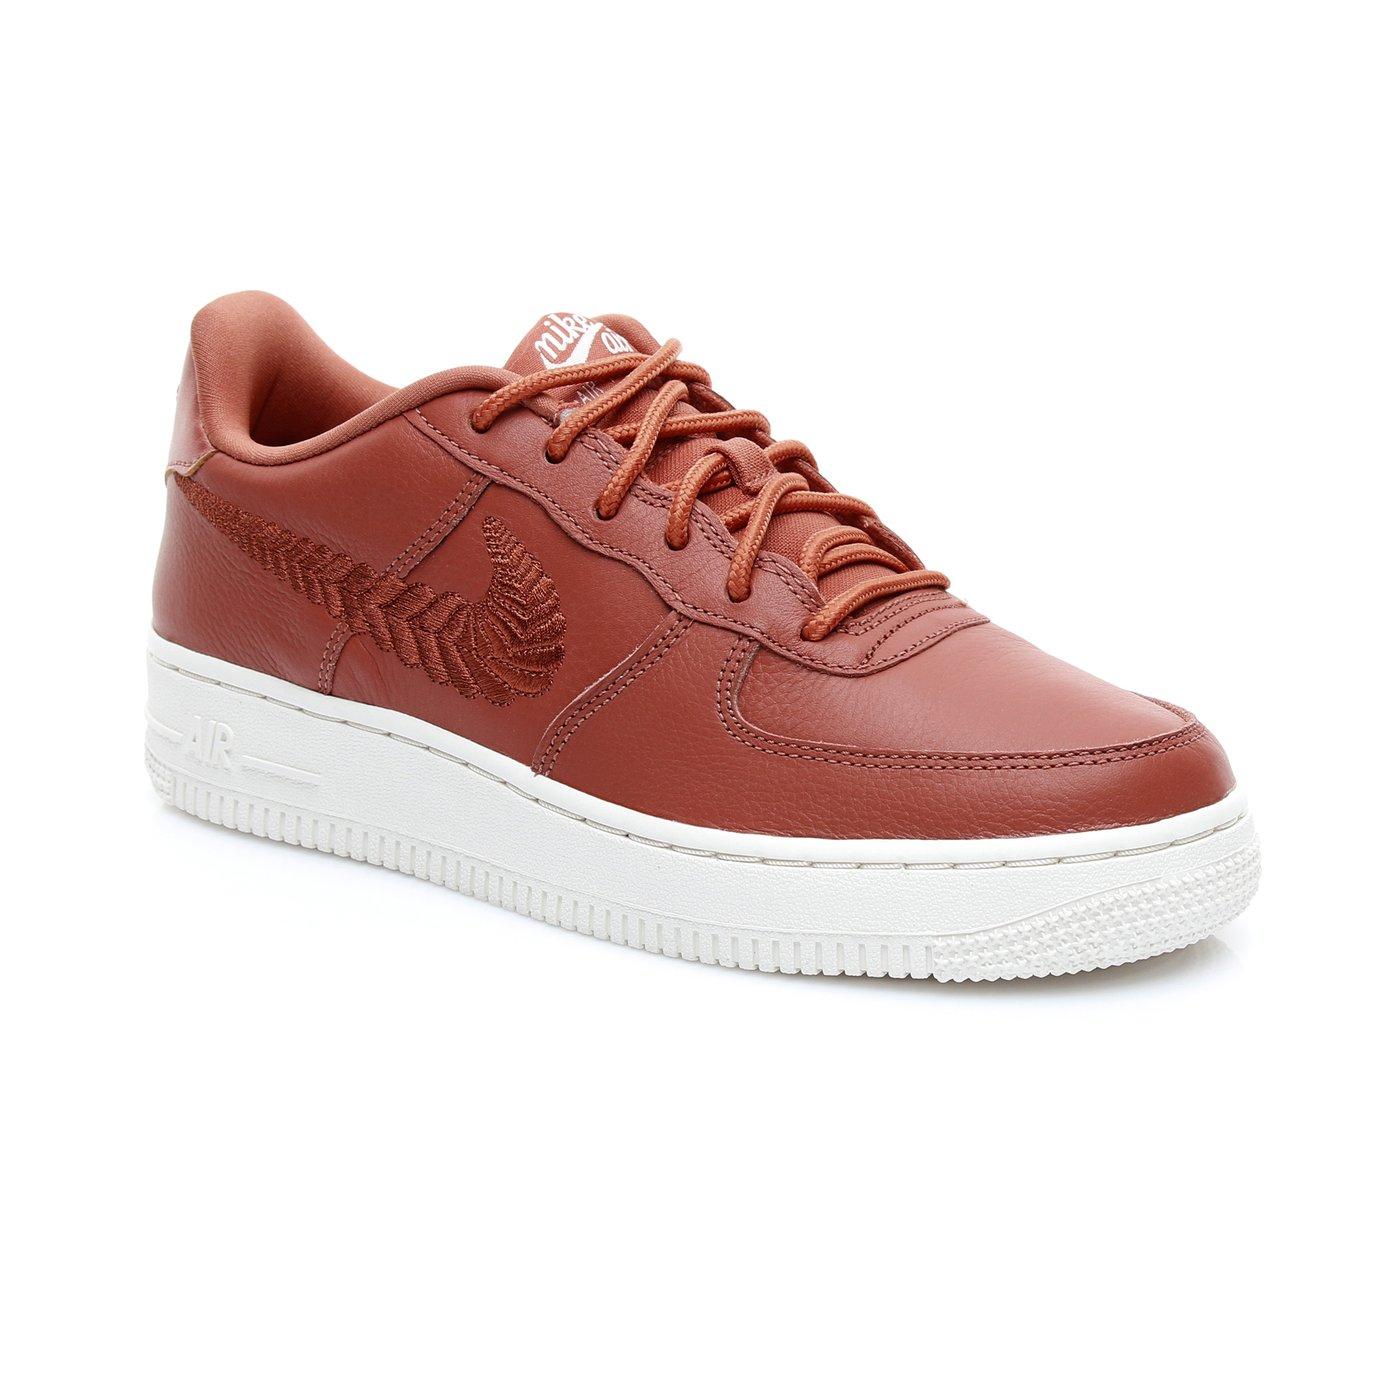 Nike Air Force 1 Kadın Kahverengi Spor Ayakkabı